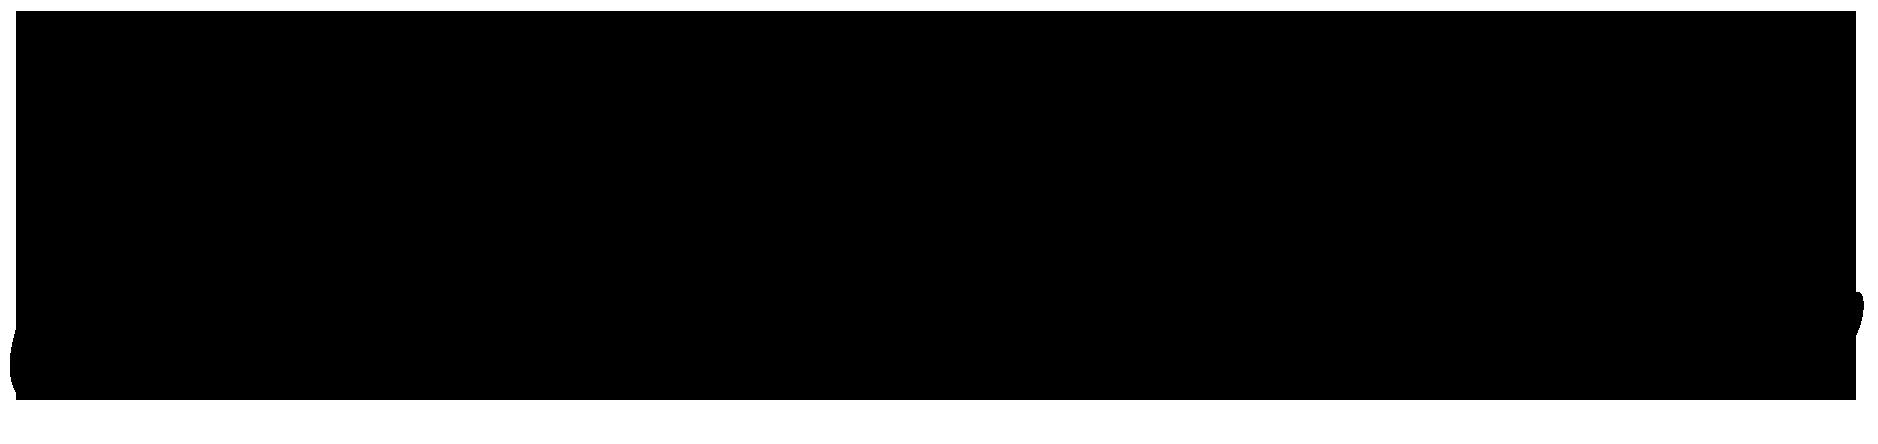 Hoviranta